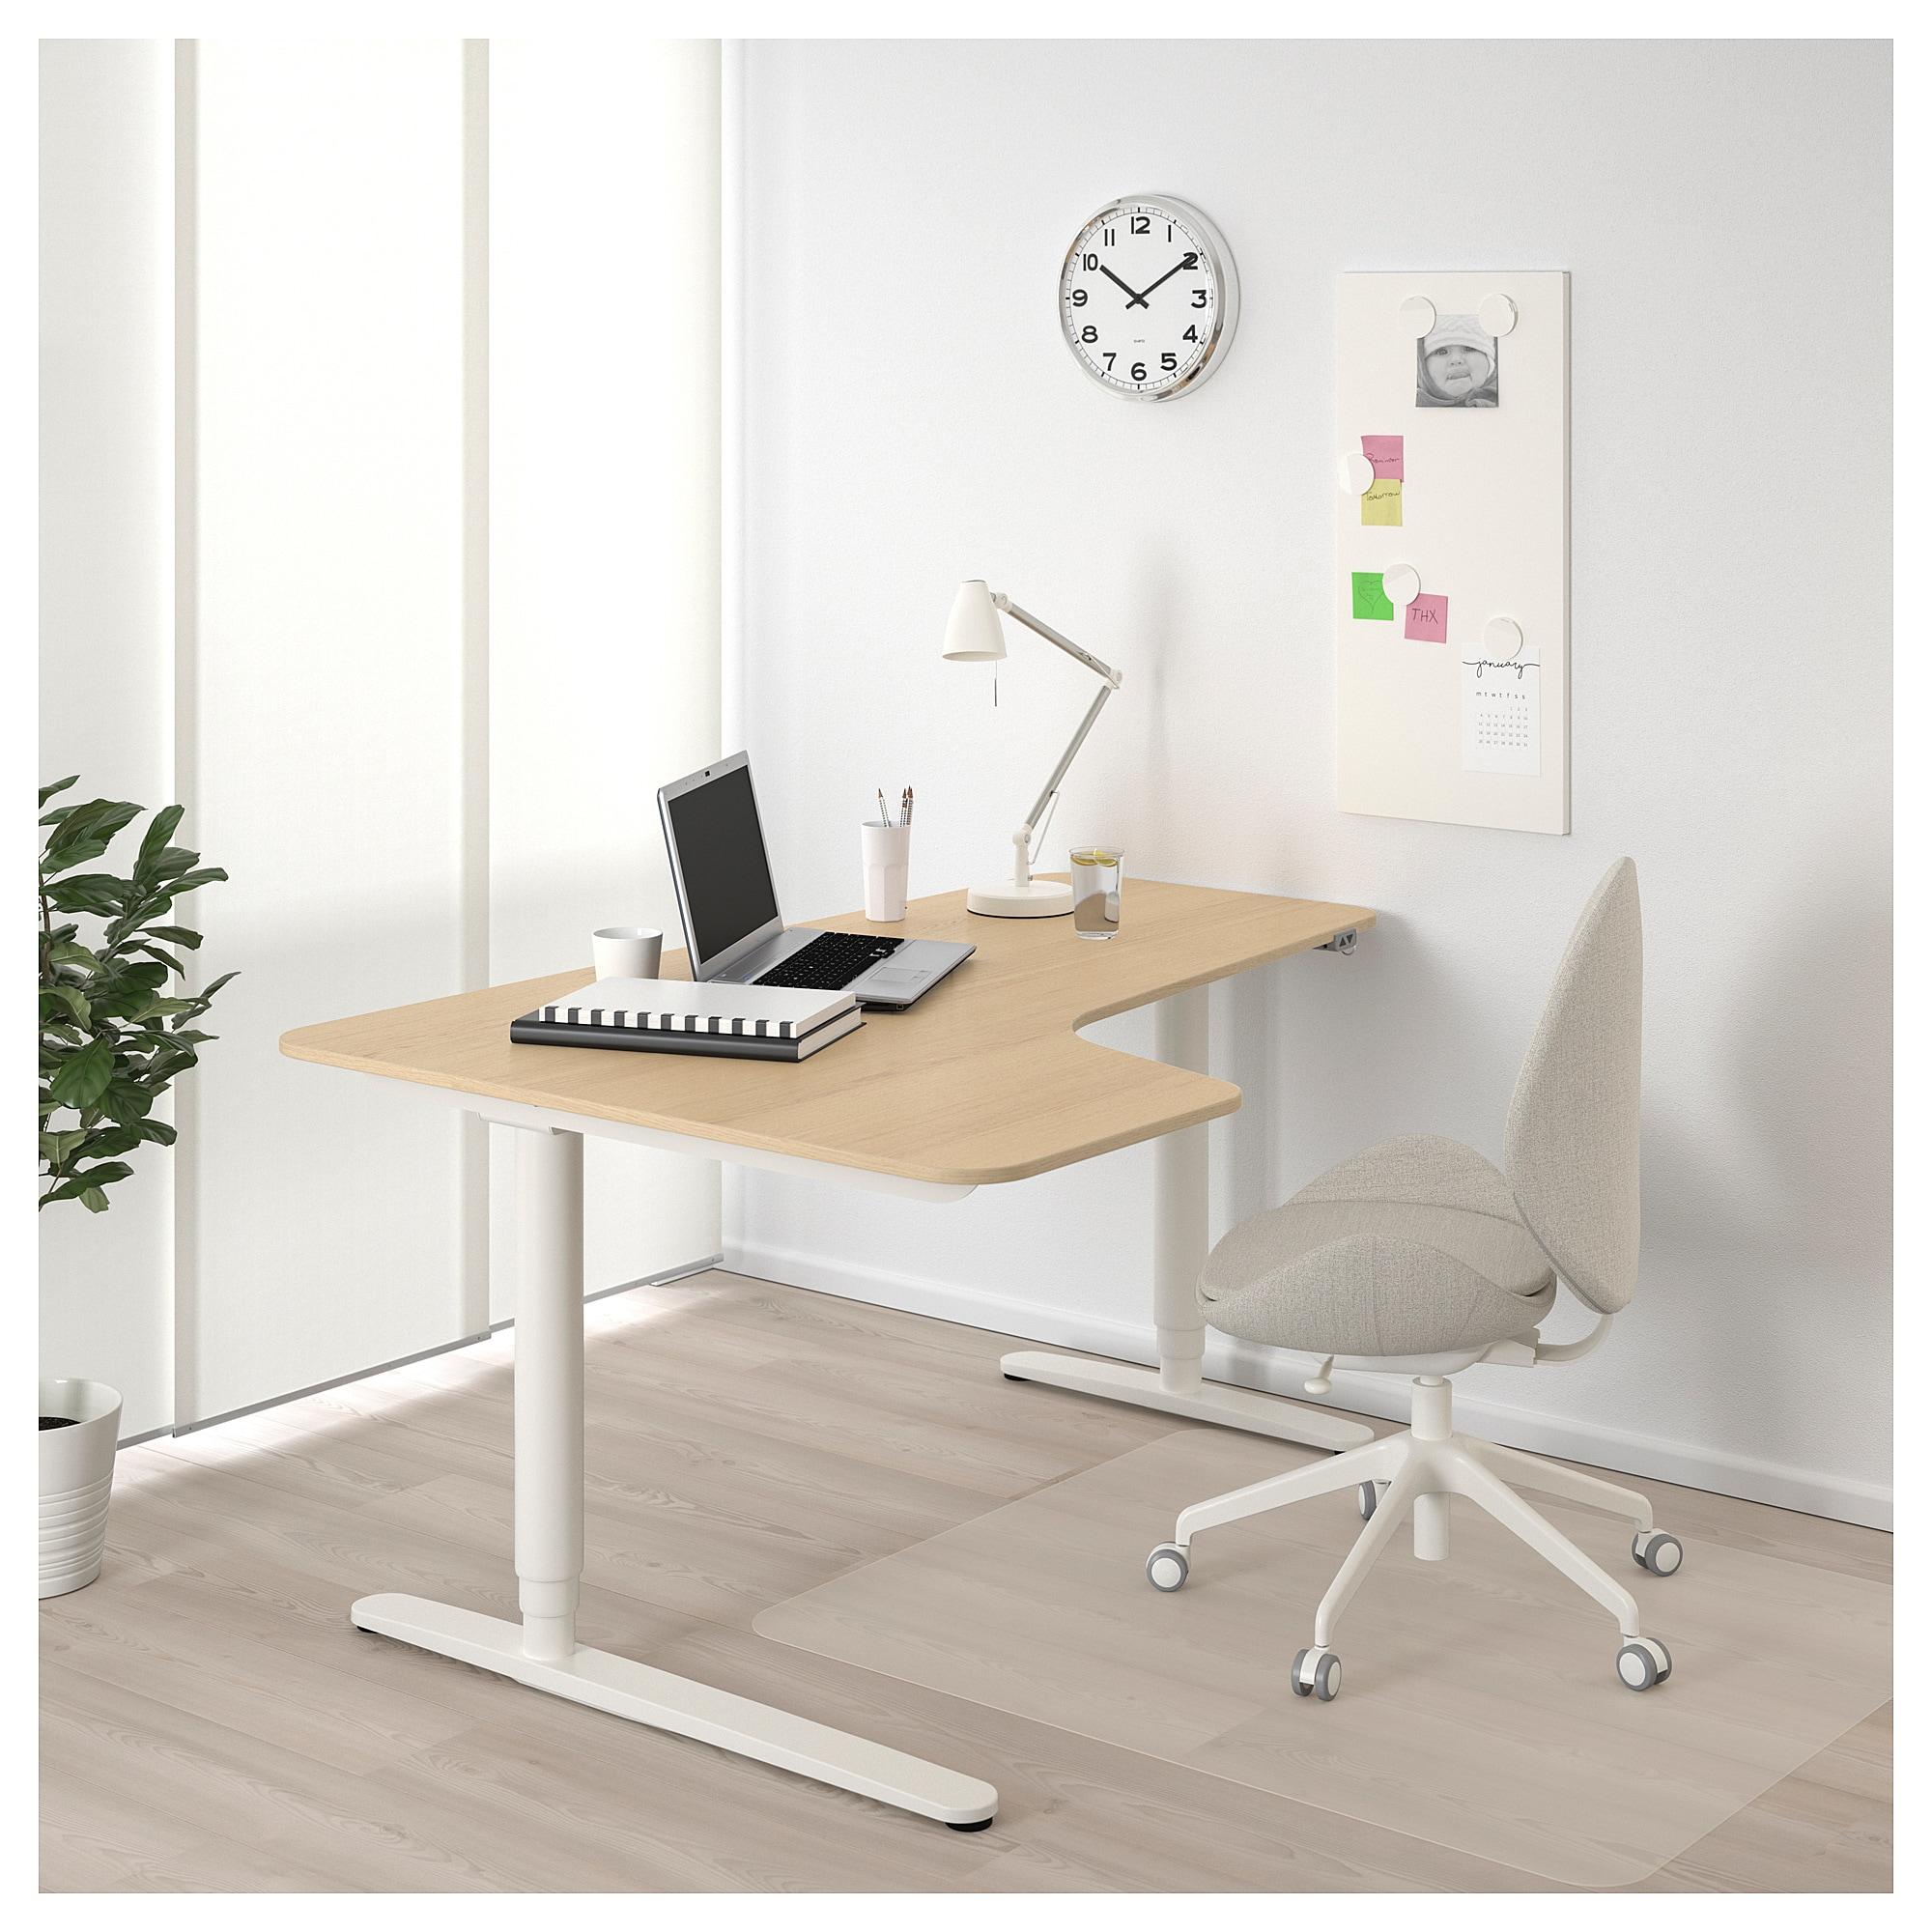 Bekant Ecktisch Links Sitz Steh Eichenfurnier Weiss Lasiert Ecktisch Schreibtisch Weiss Und Schreibtischideen